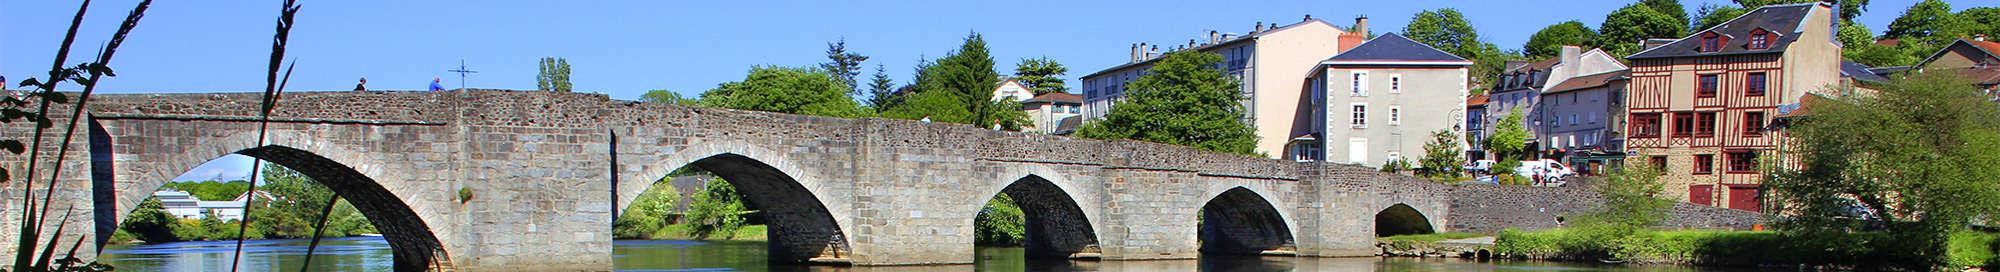 Week-end et séjour en Limousin